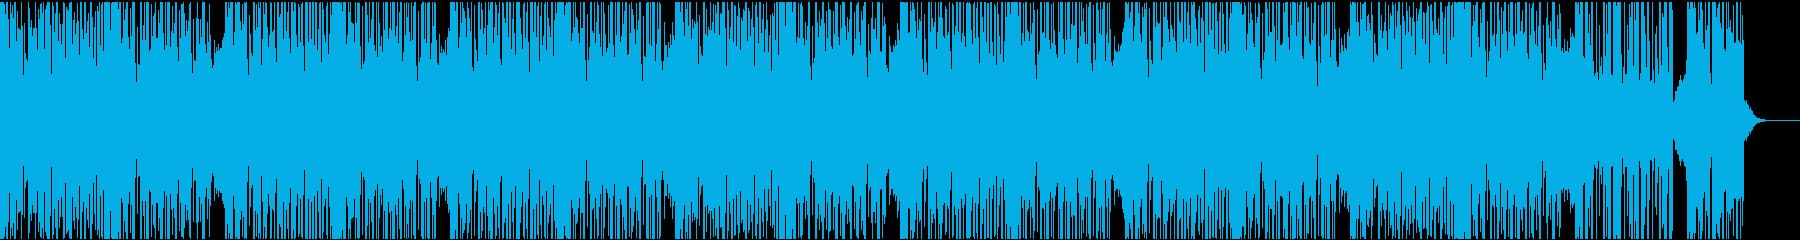 ダークなエレクトロの再生済みの波形